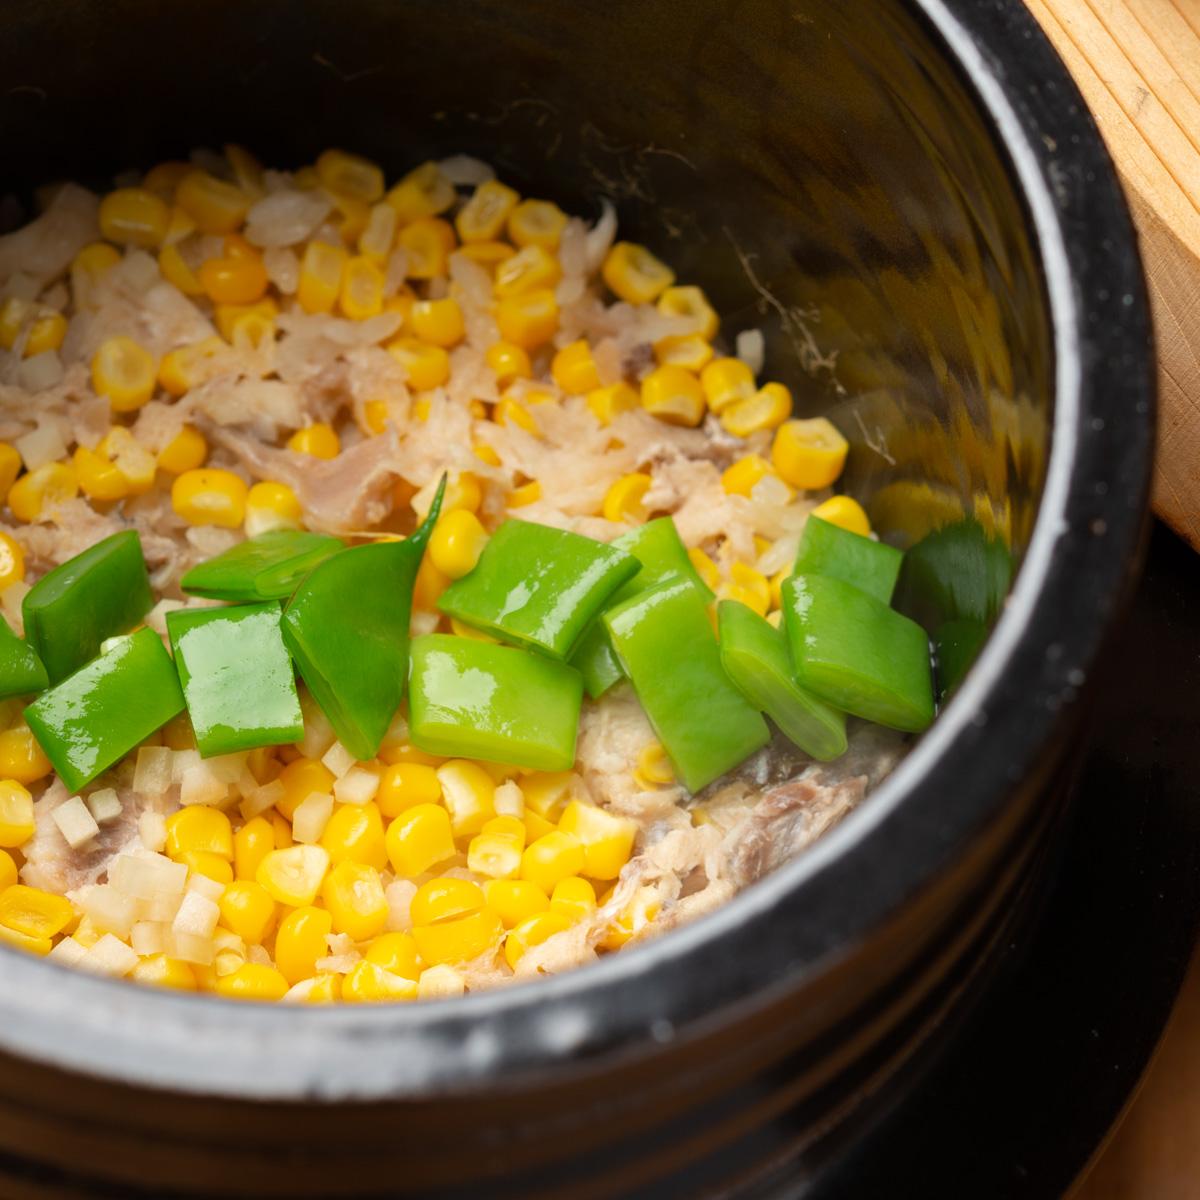 御飯物|鯛・とうもろこしと新生姜の炊き込みご飯、ささげと小芋の赤出汁